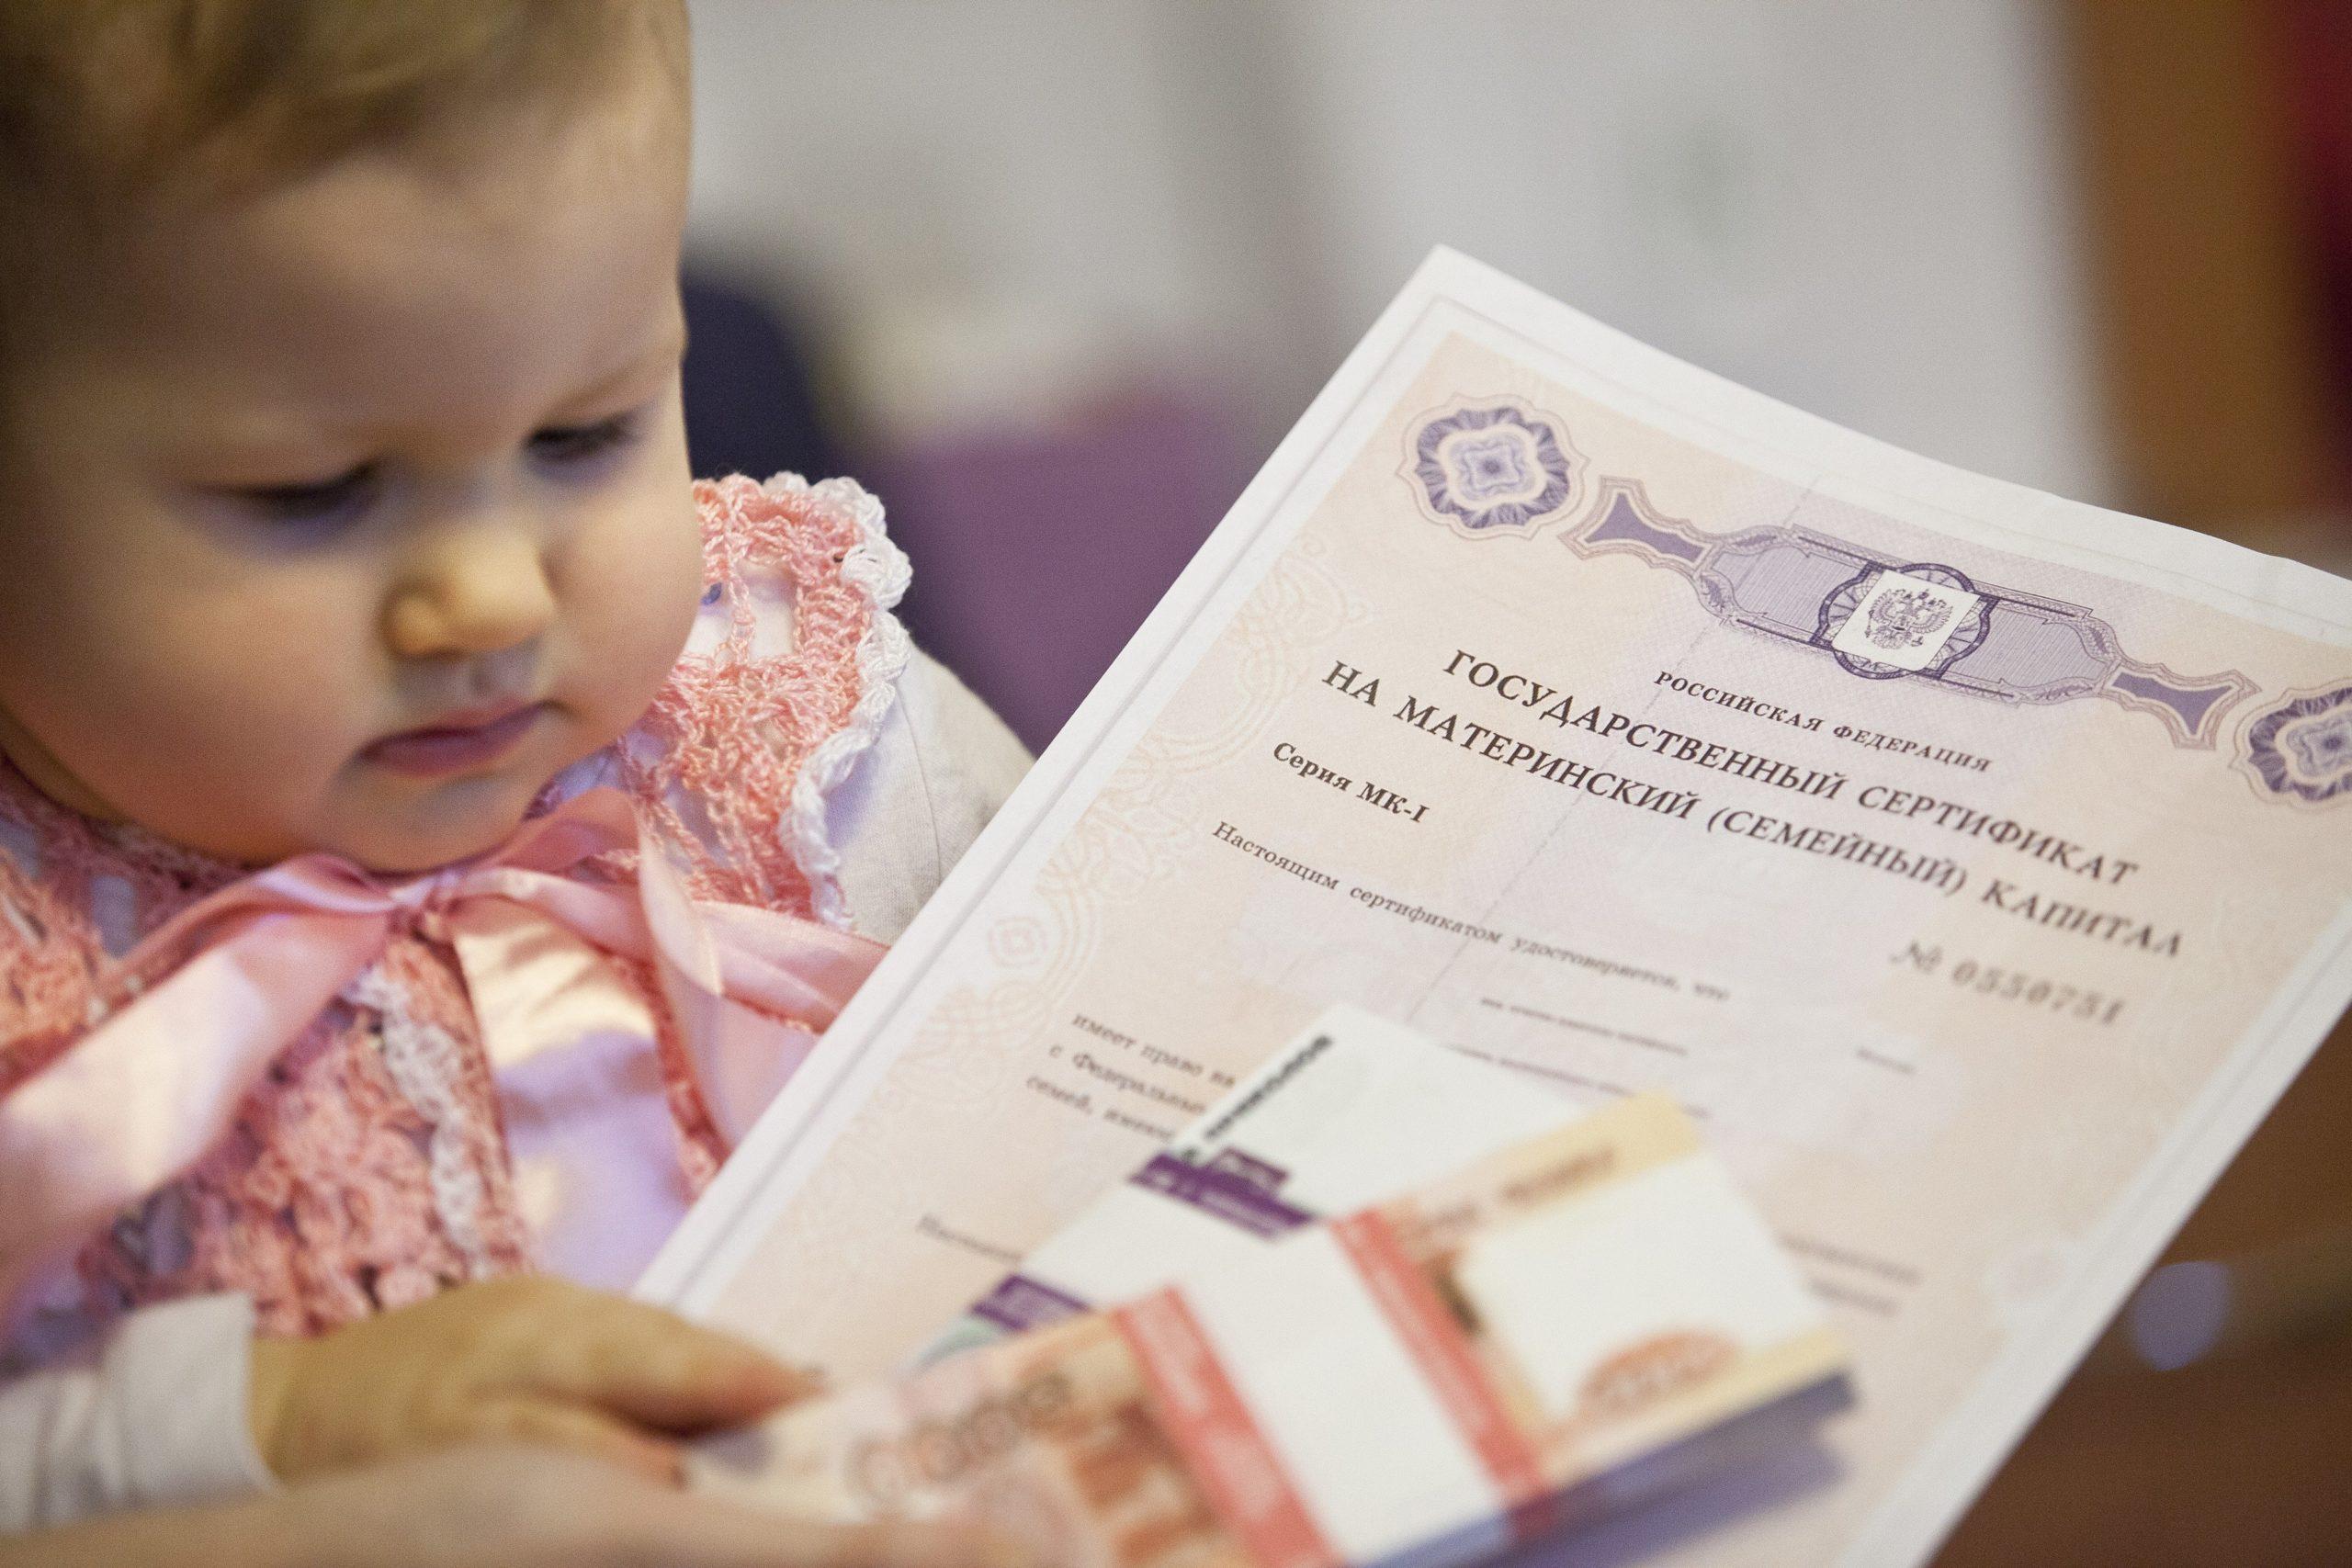 Россияне чаще всего используют маткапитал на улучшение жилищных условий